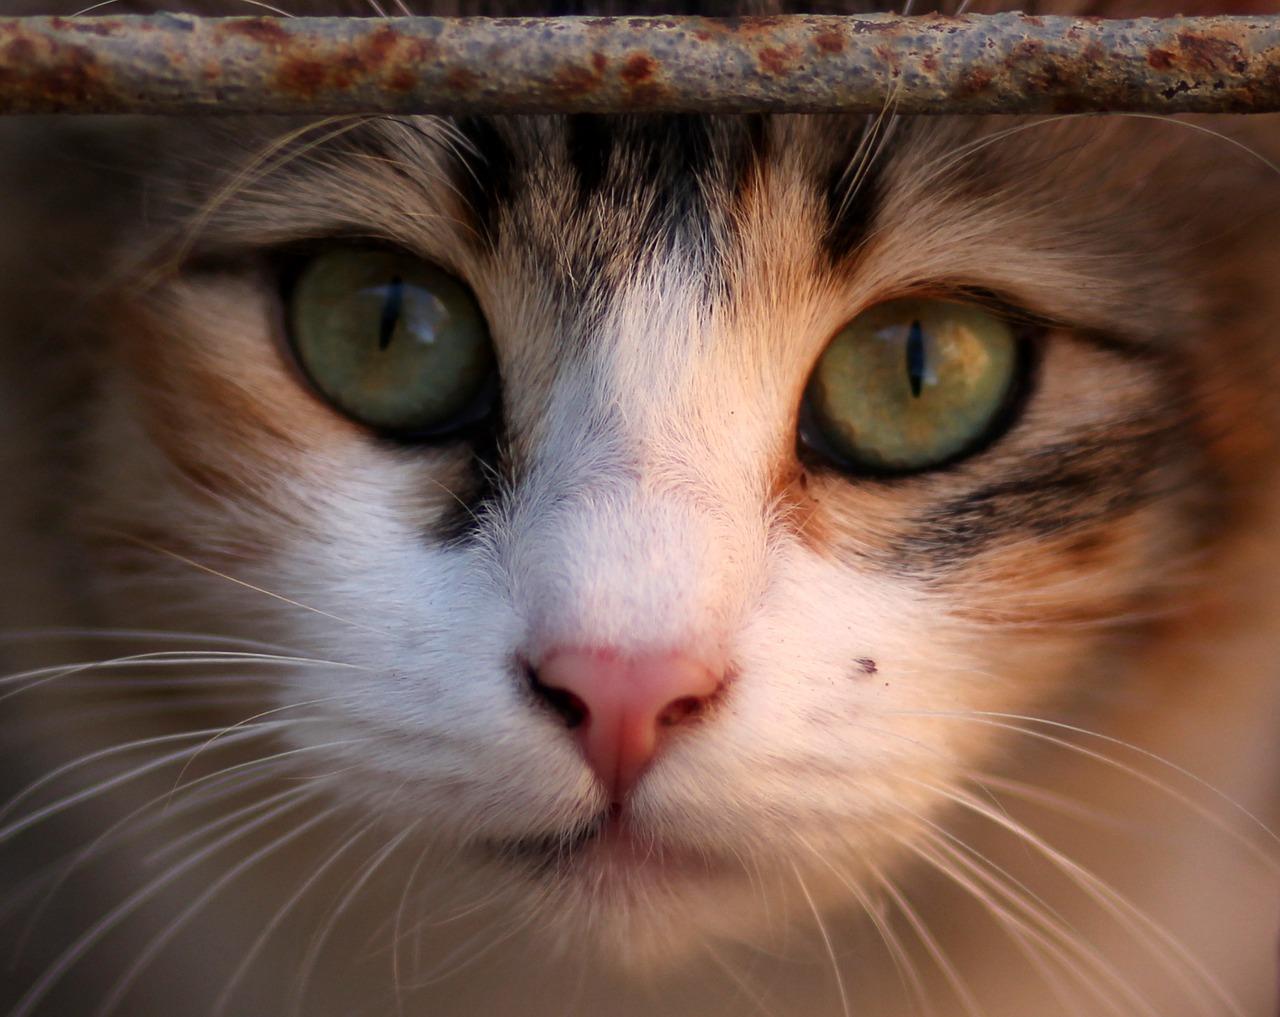 بیماری پریودنتال در گربه چیست و چگونه درمان می شود ؟